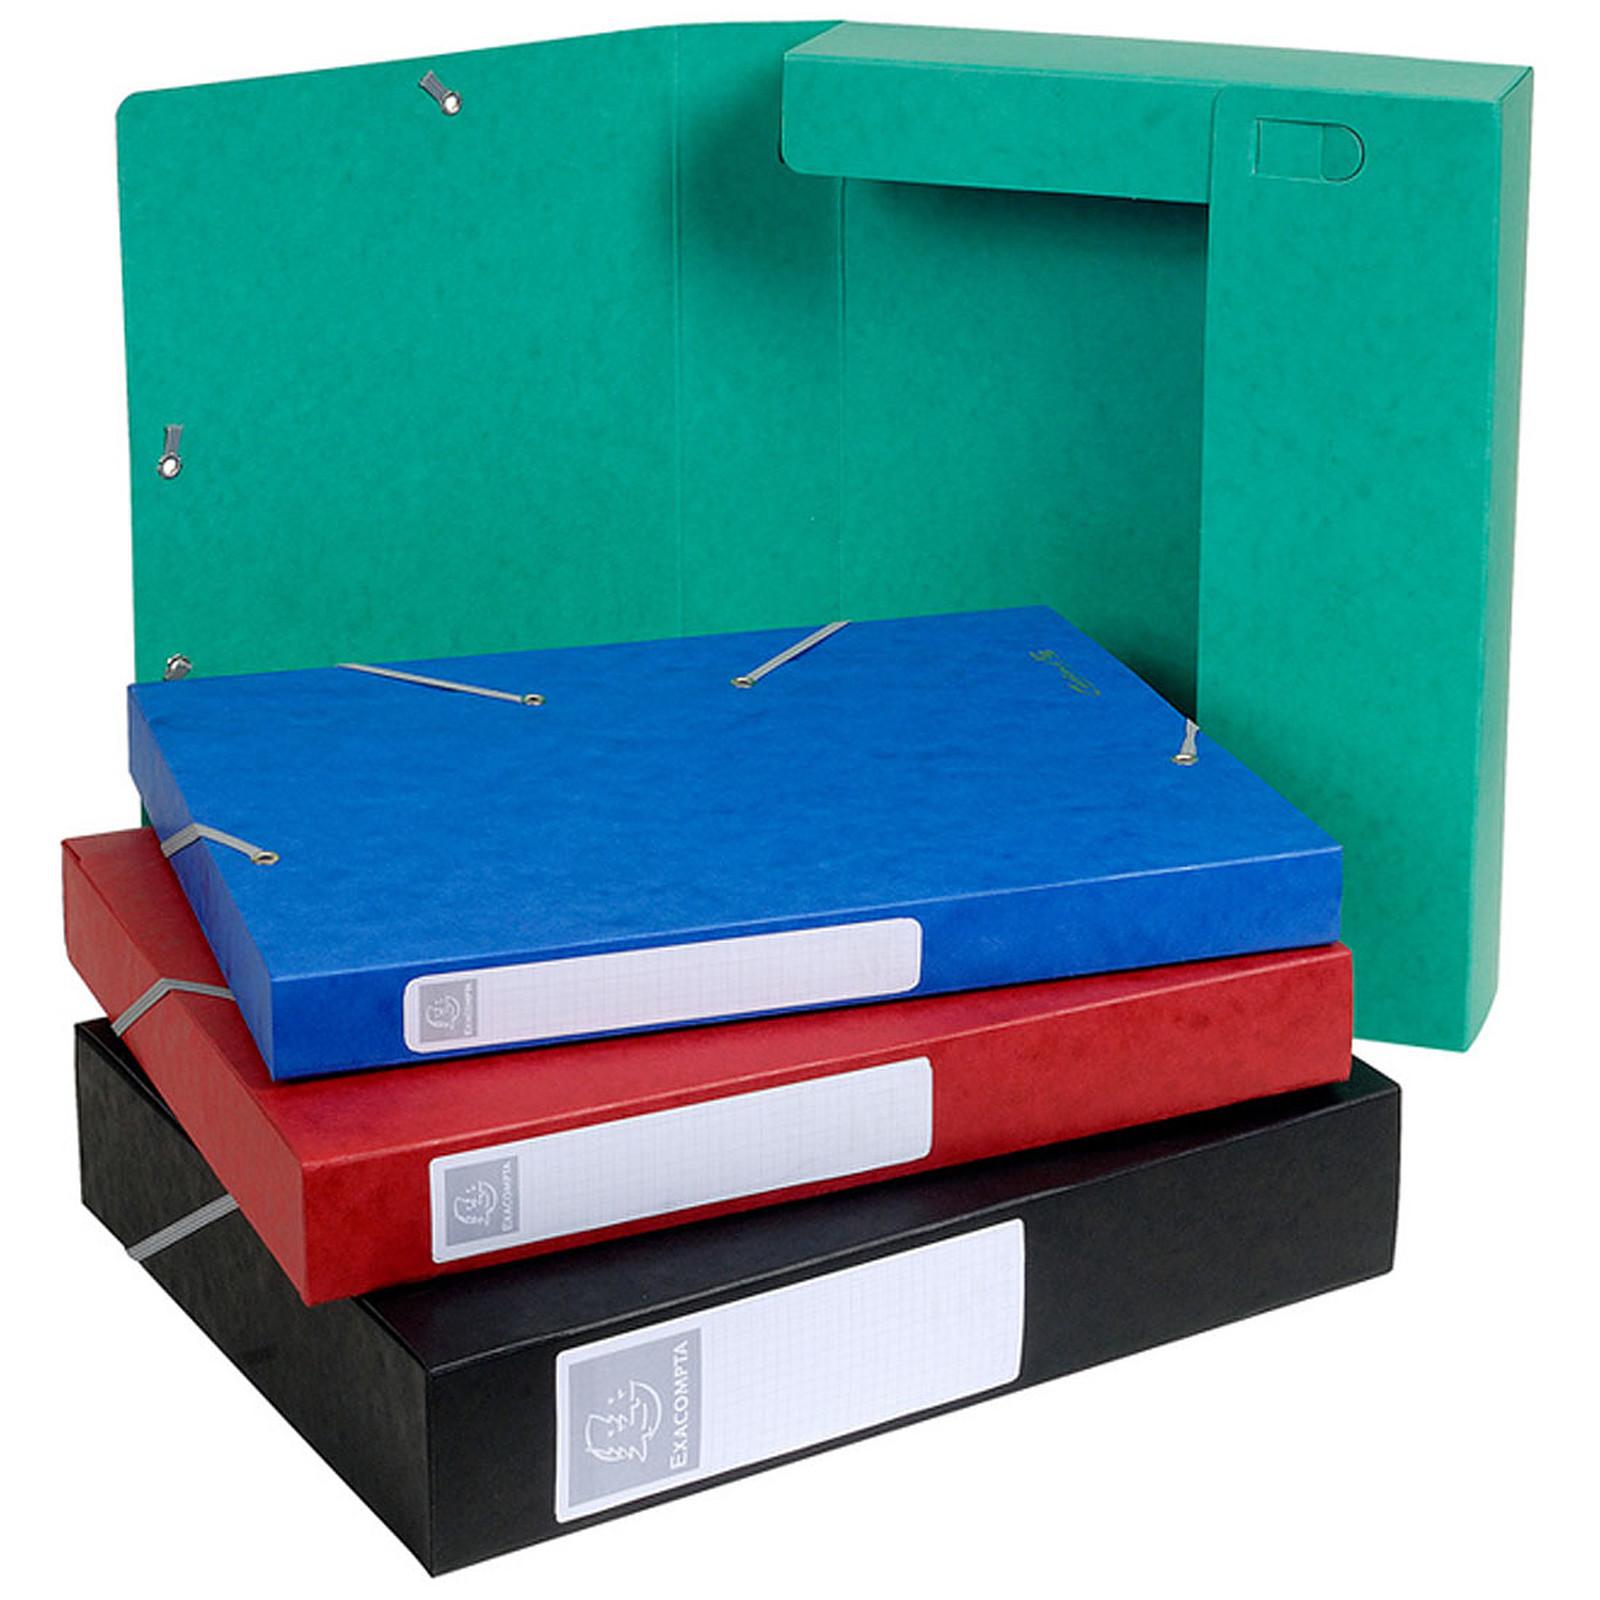 Carpetas A4 EXACOMPTA Cartobox 40 mm (10 unidades)